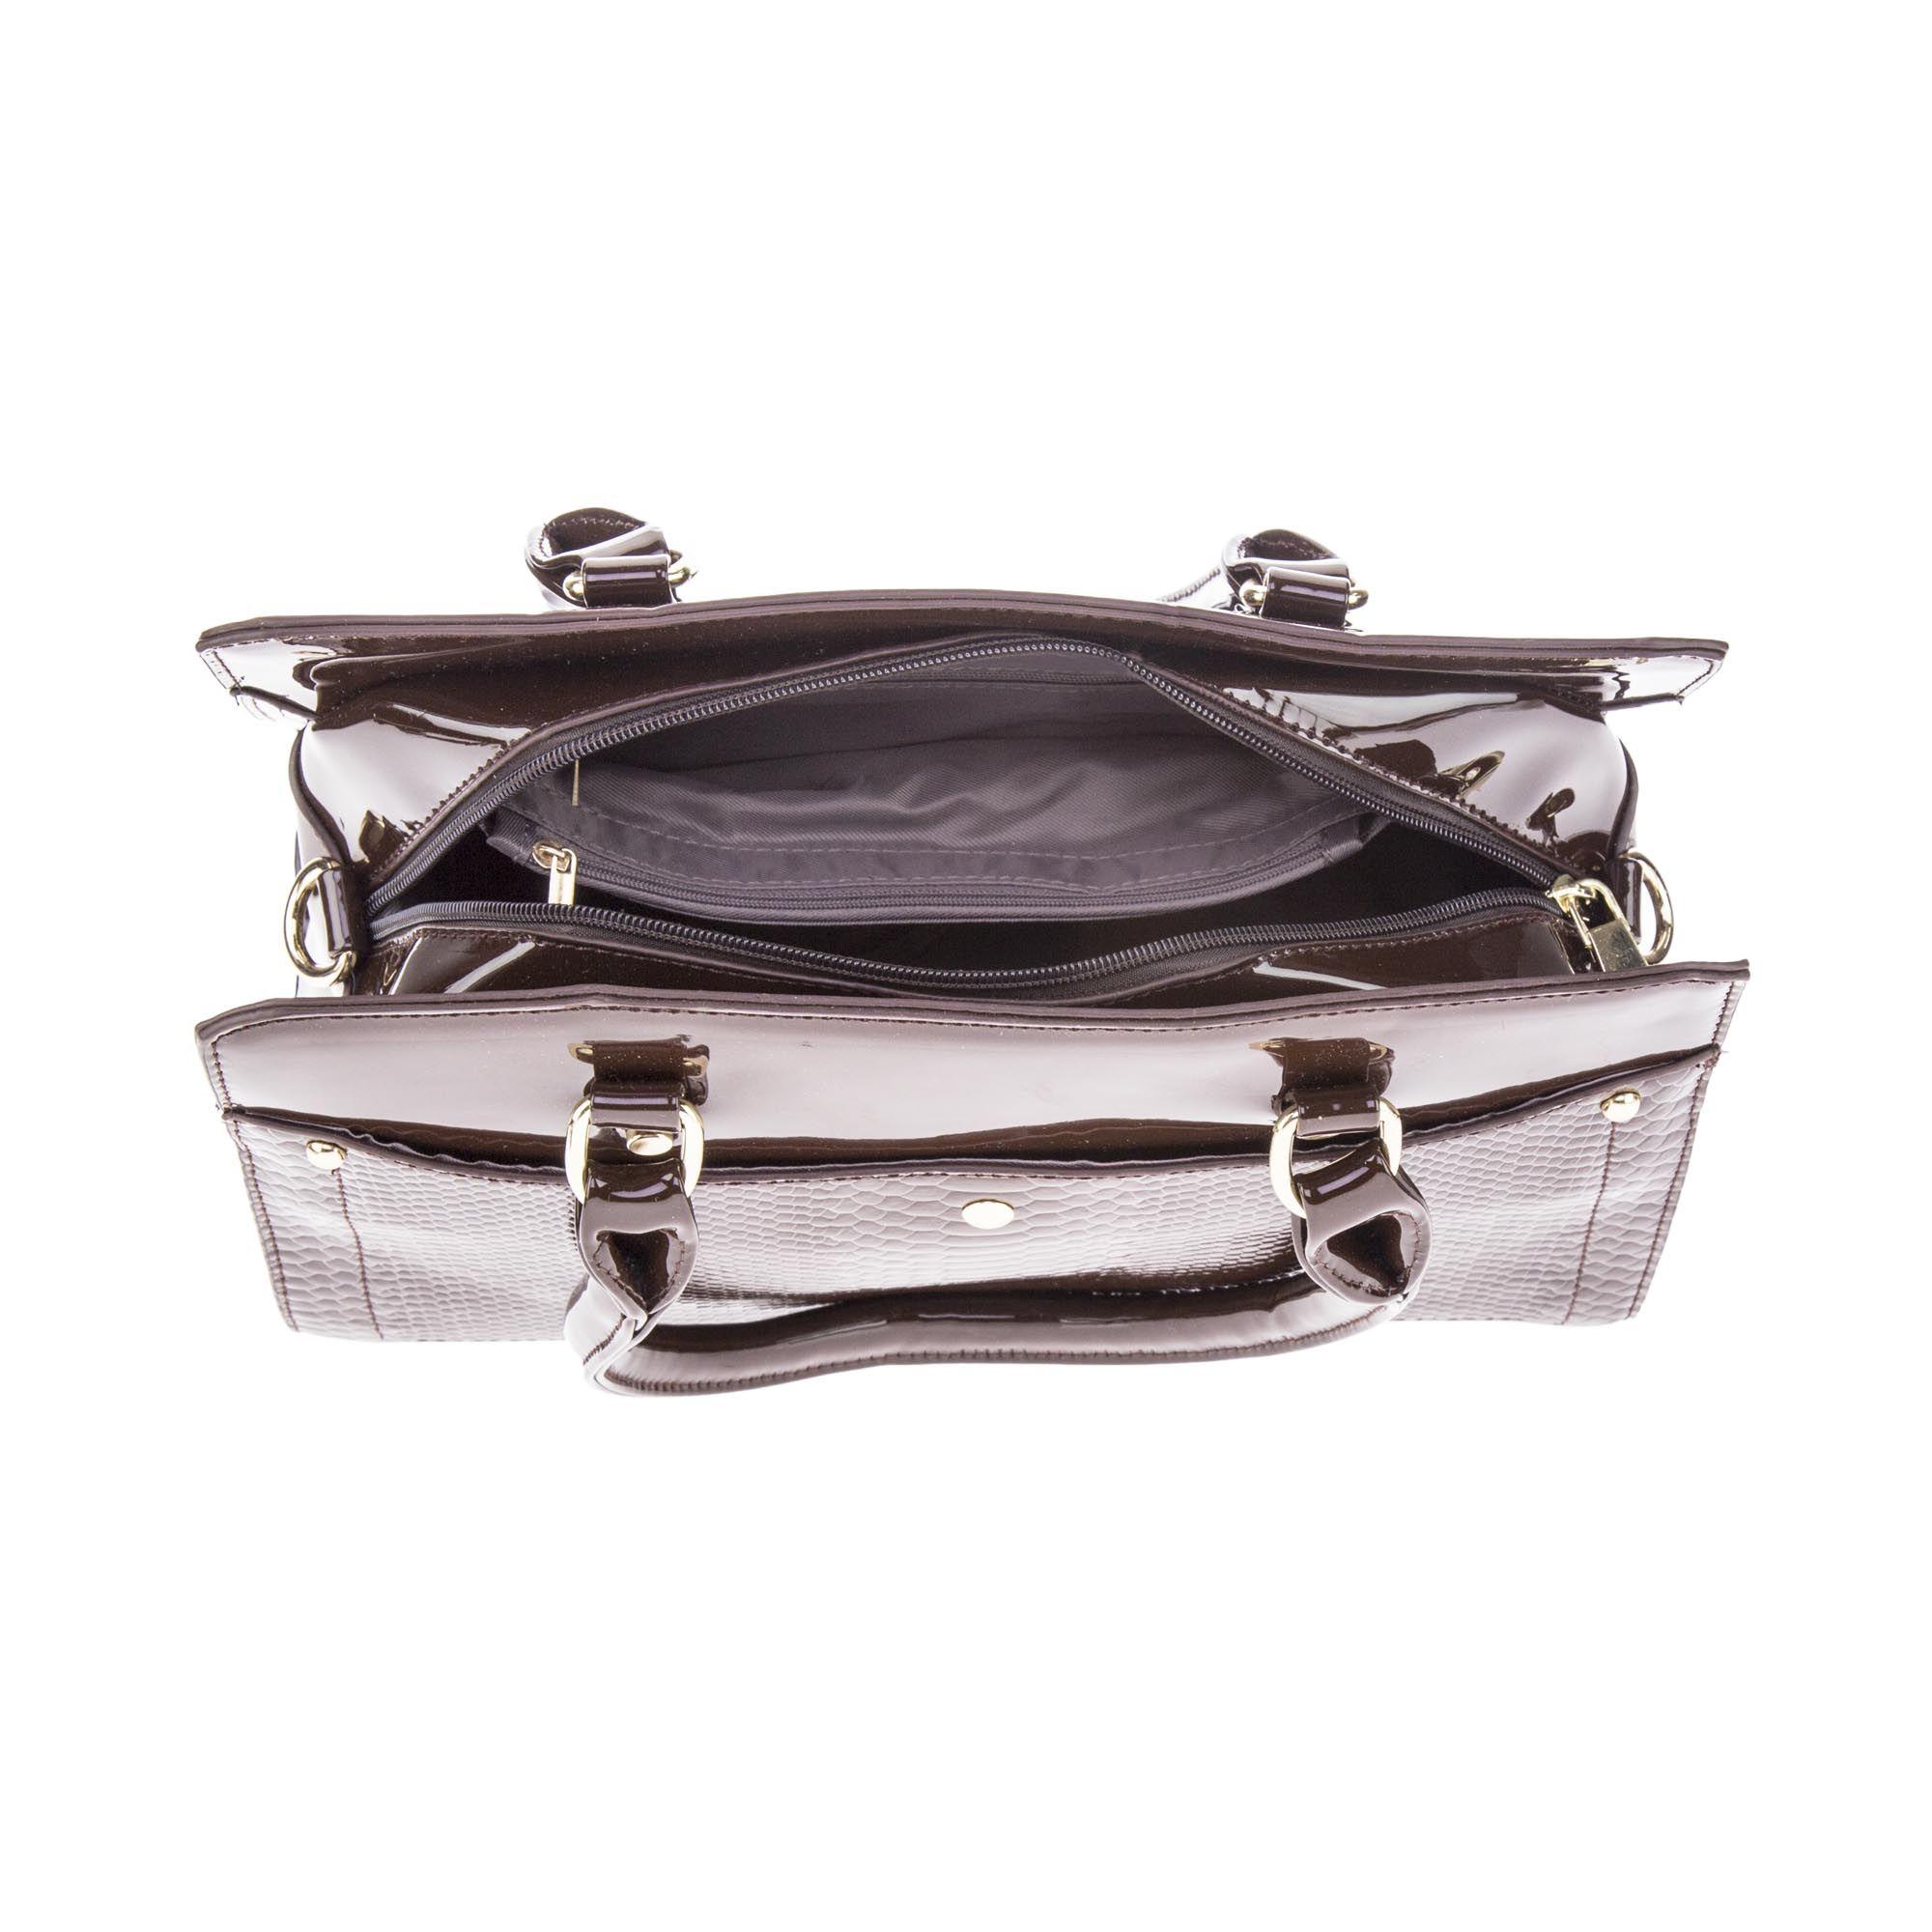 Bolsa de Mão Verniz Marrom Café com Alça Removível e Bolsa Carteira Clutch  - Prime Bolsas